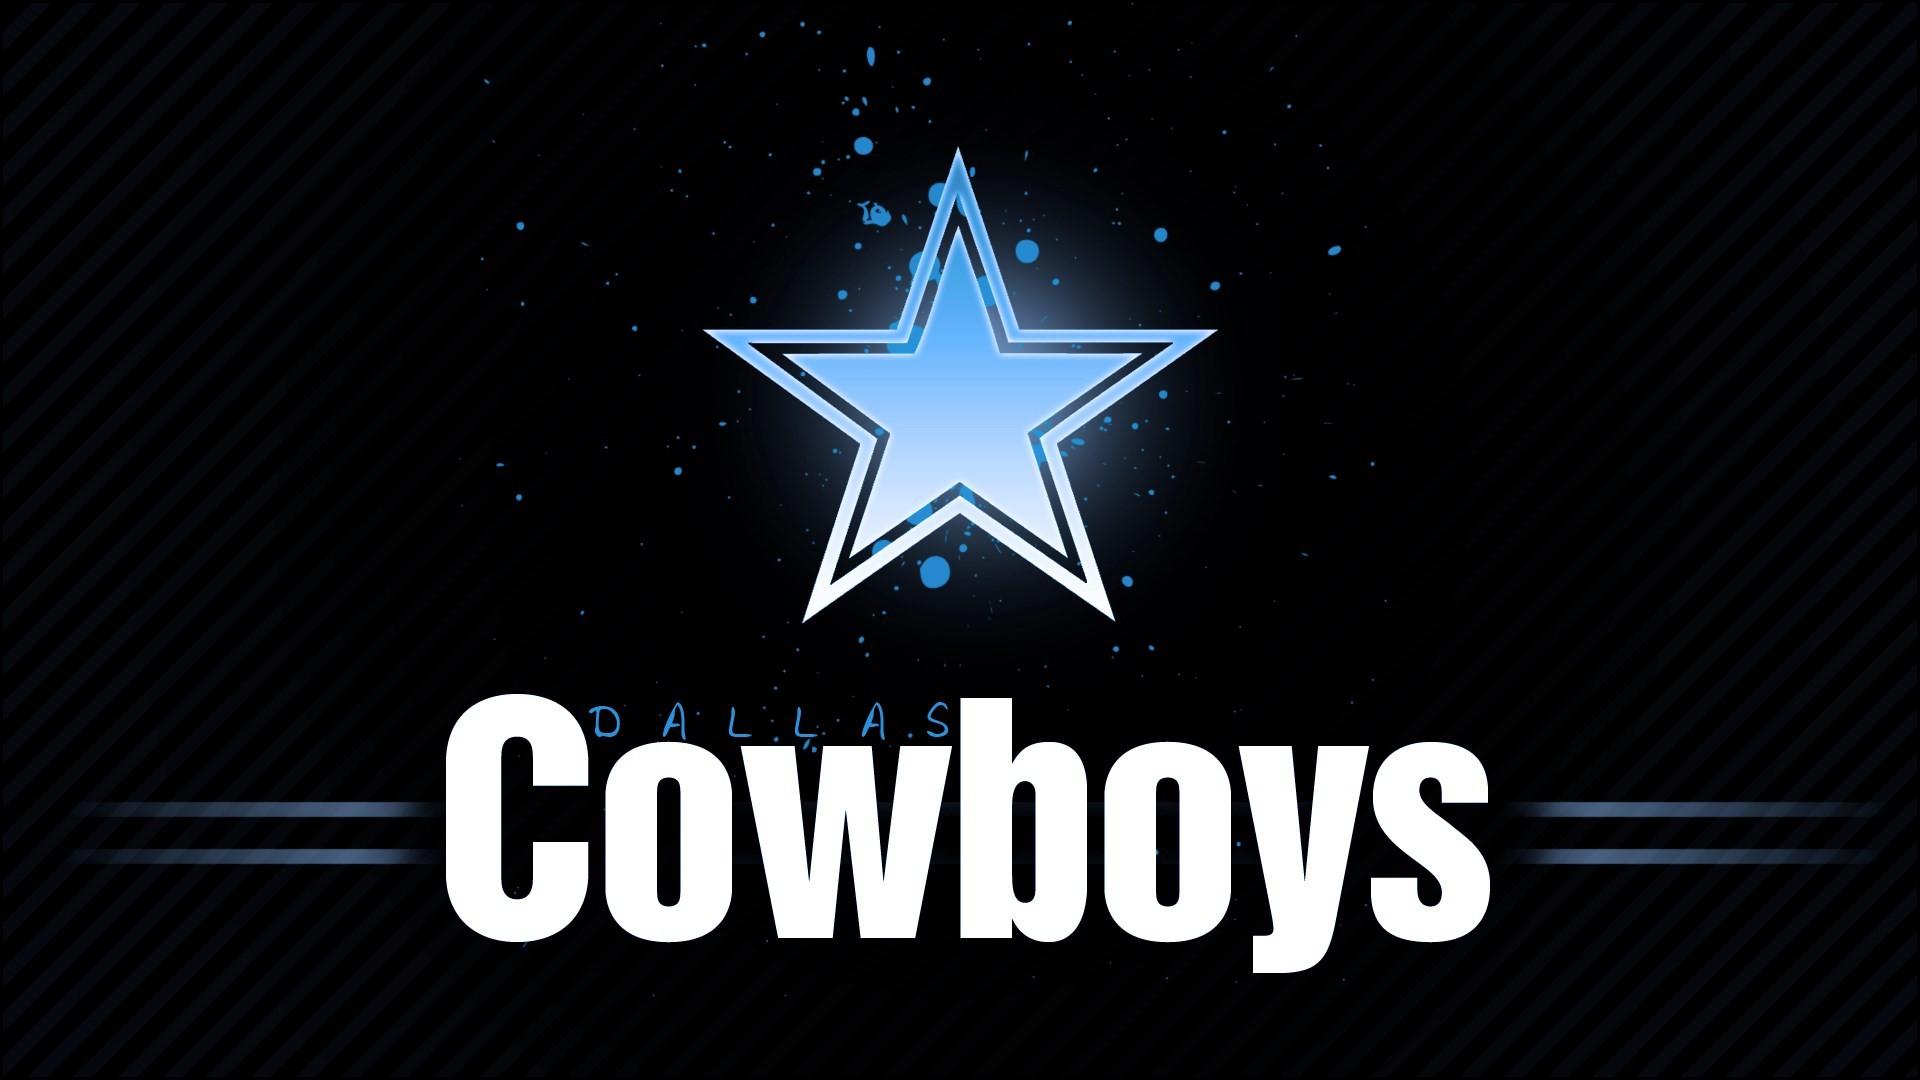 3D Dallas Cowboys Wallpaper (70+ images)